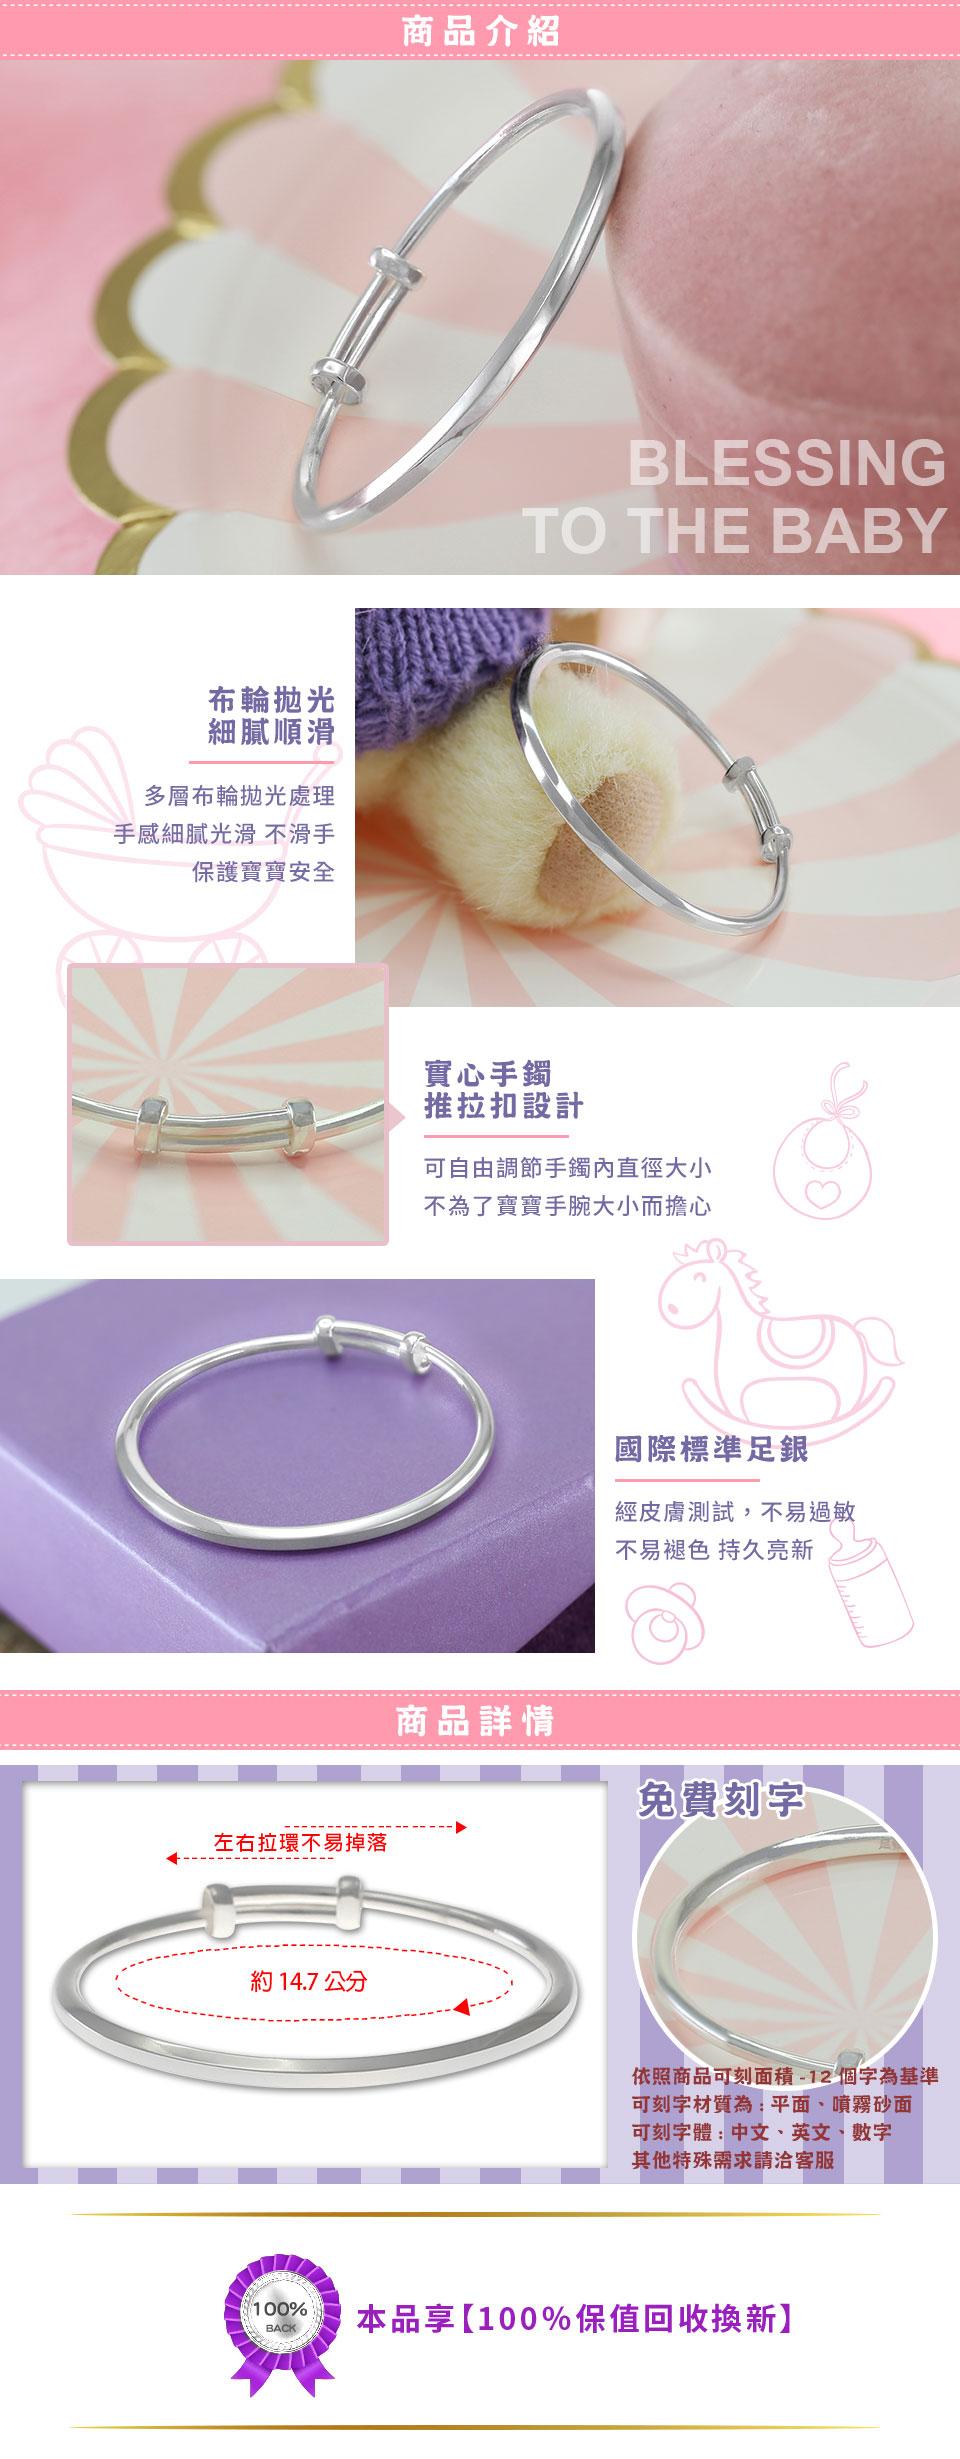 銀手鐲-銀手環-寶寶手環-手鐲推薦-彌月送禮-滿月禮